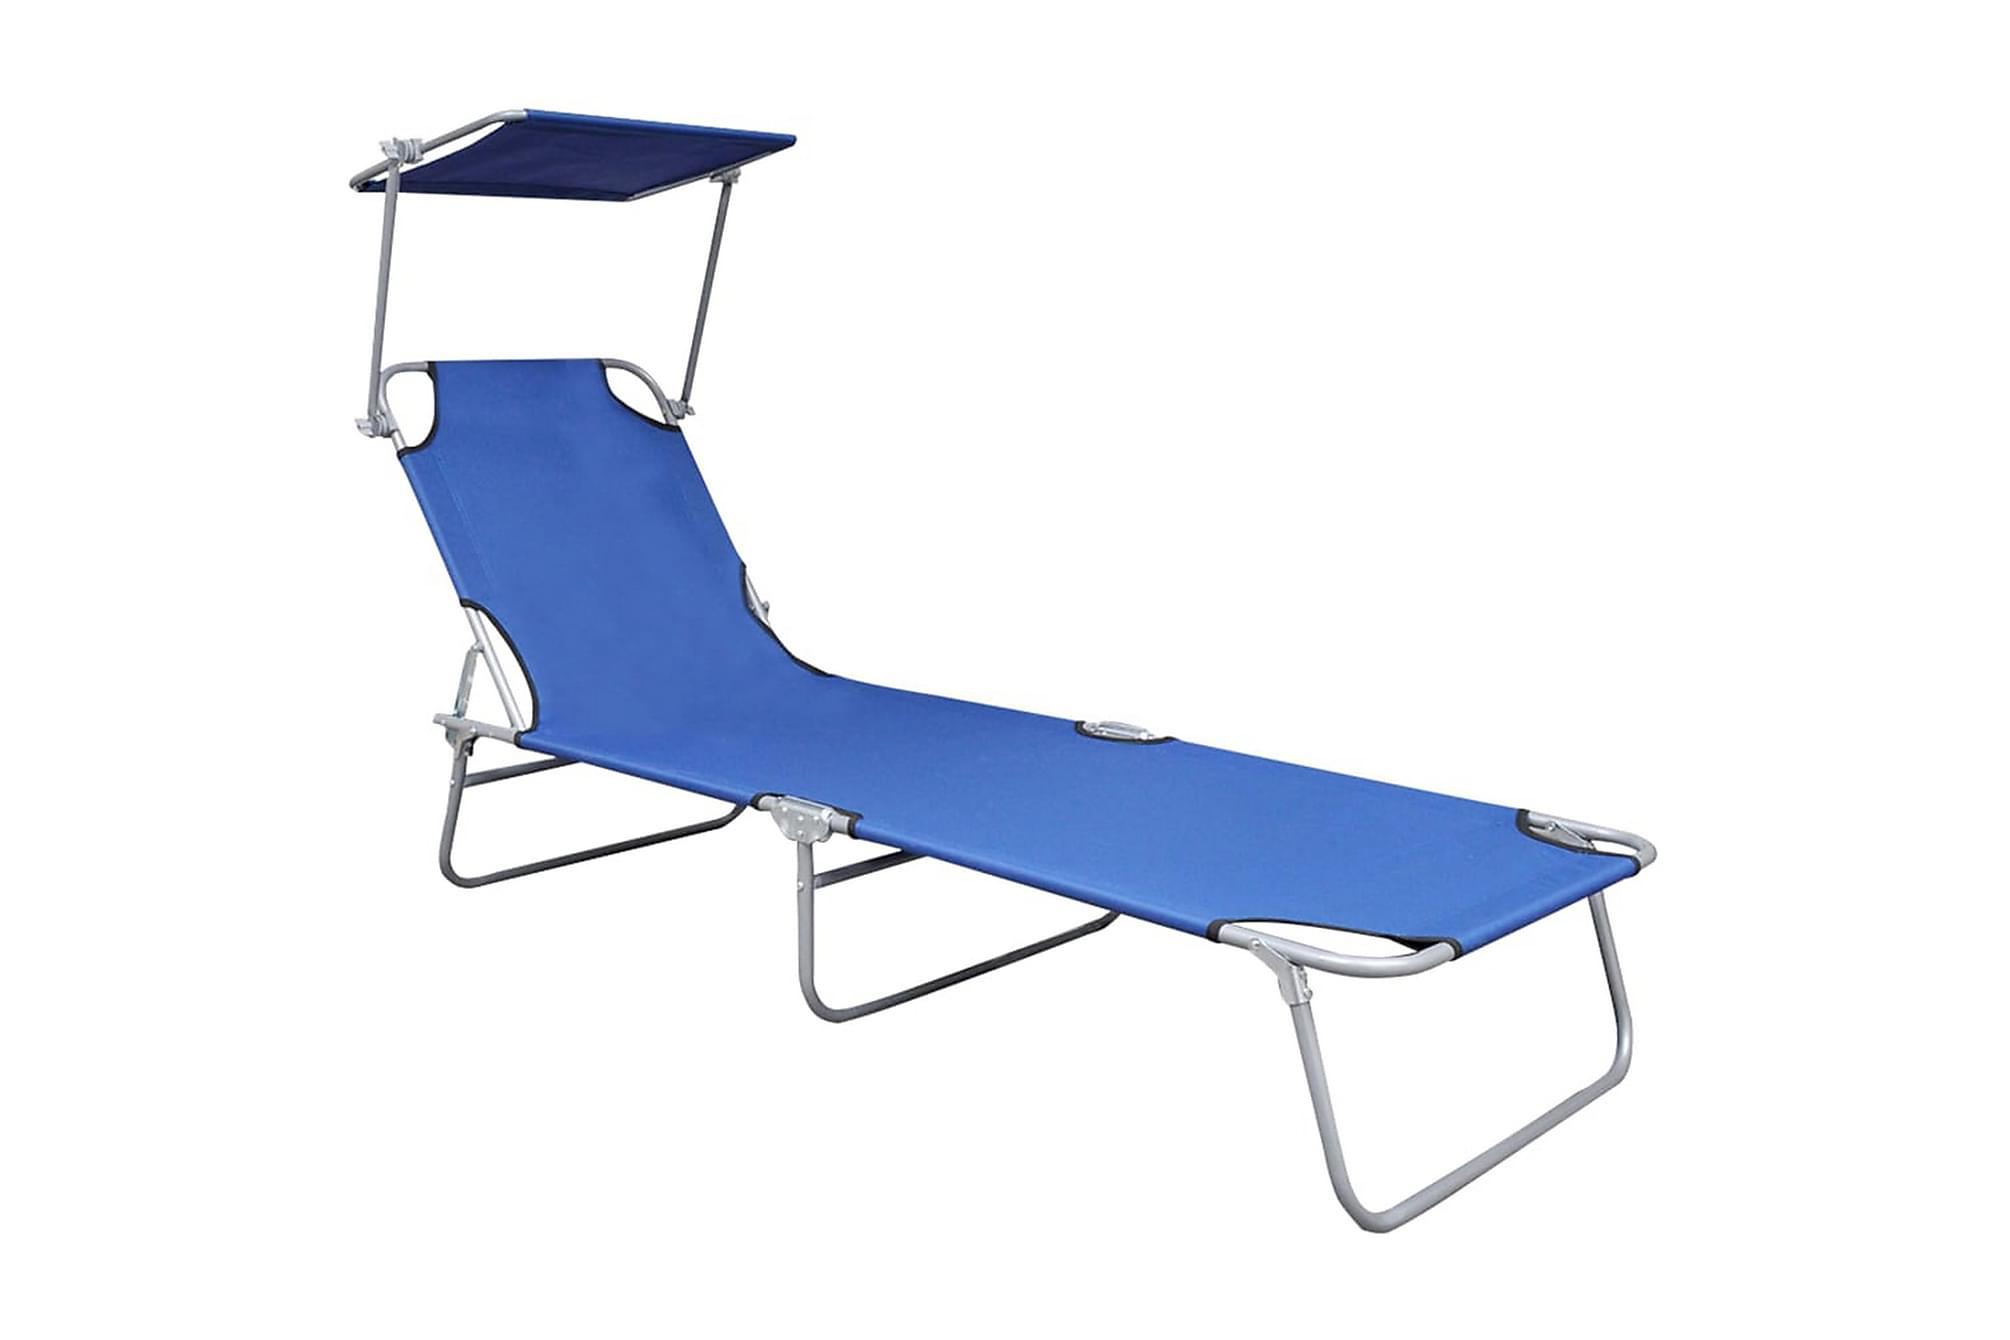 Hopfällbar solsäng med tak blå aluminium, Solstol